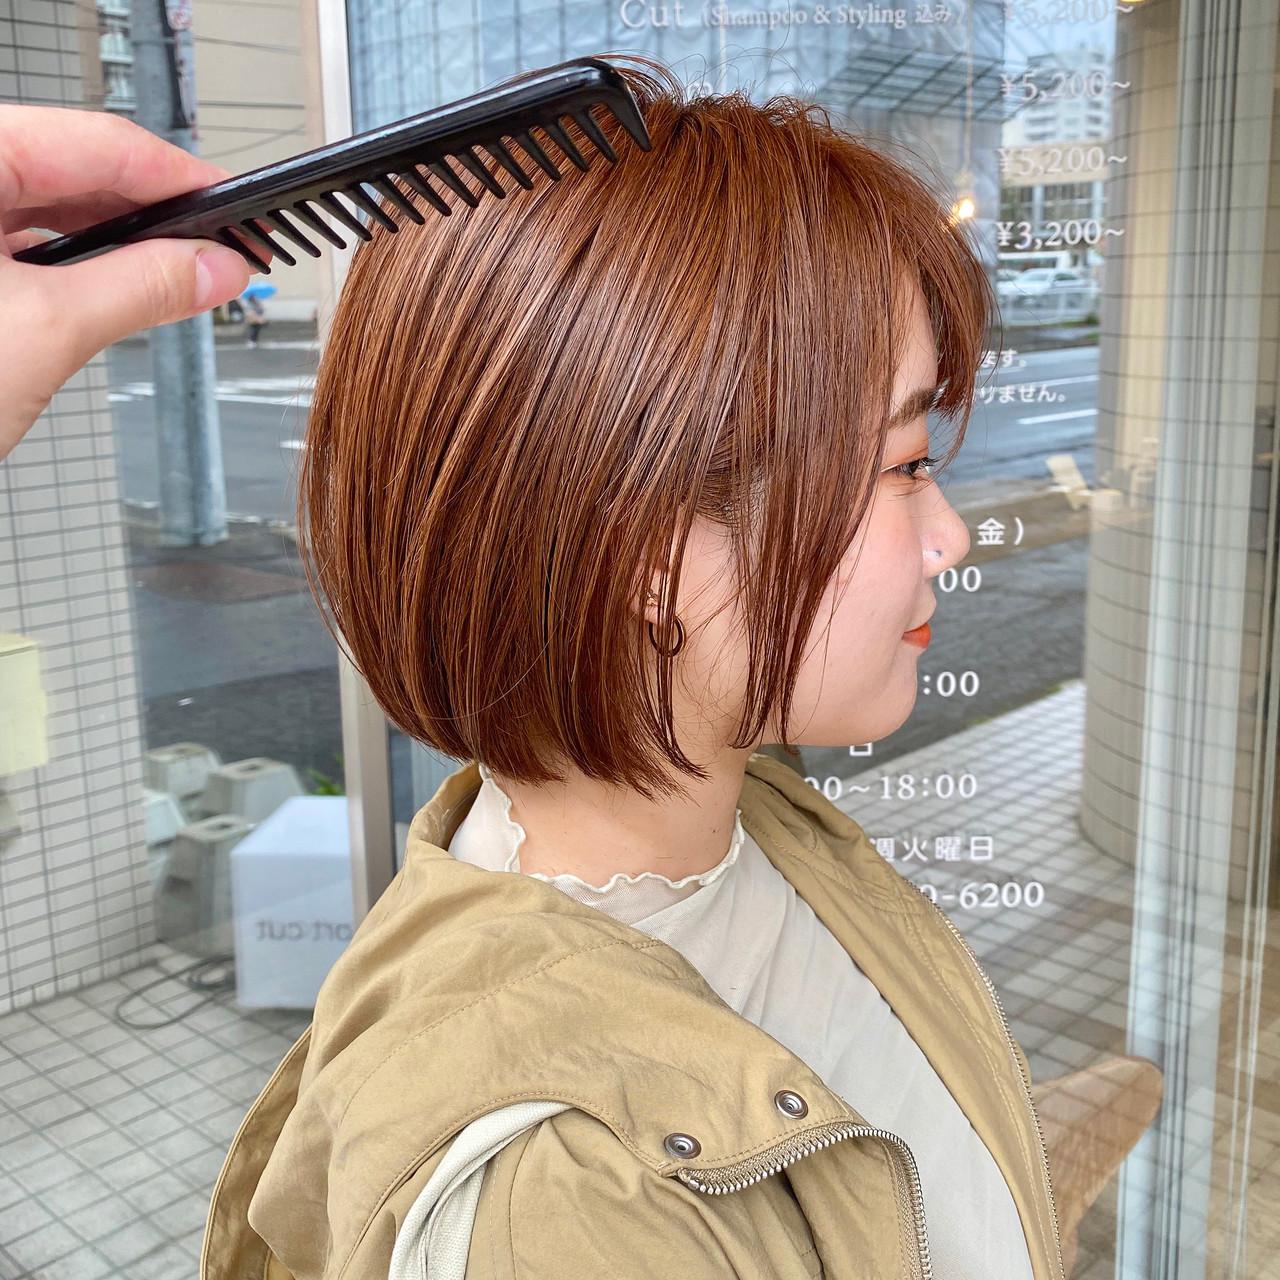 アンニュイ ショートボブ ショートヘア 小顔ショート ヘアスタイルや髪型の写真・画像 | 【ショート&ショートボブはお任せください】淺川聖 / parc sapporo